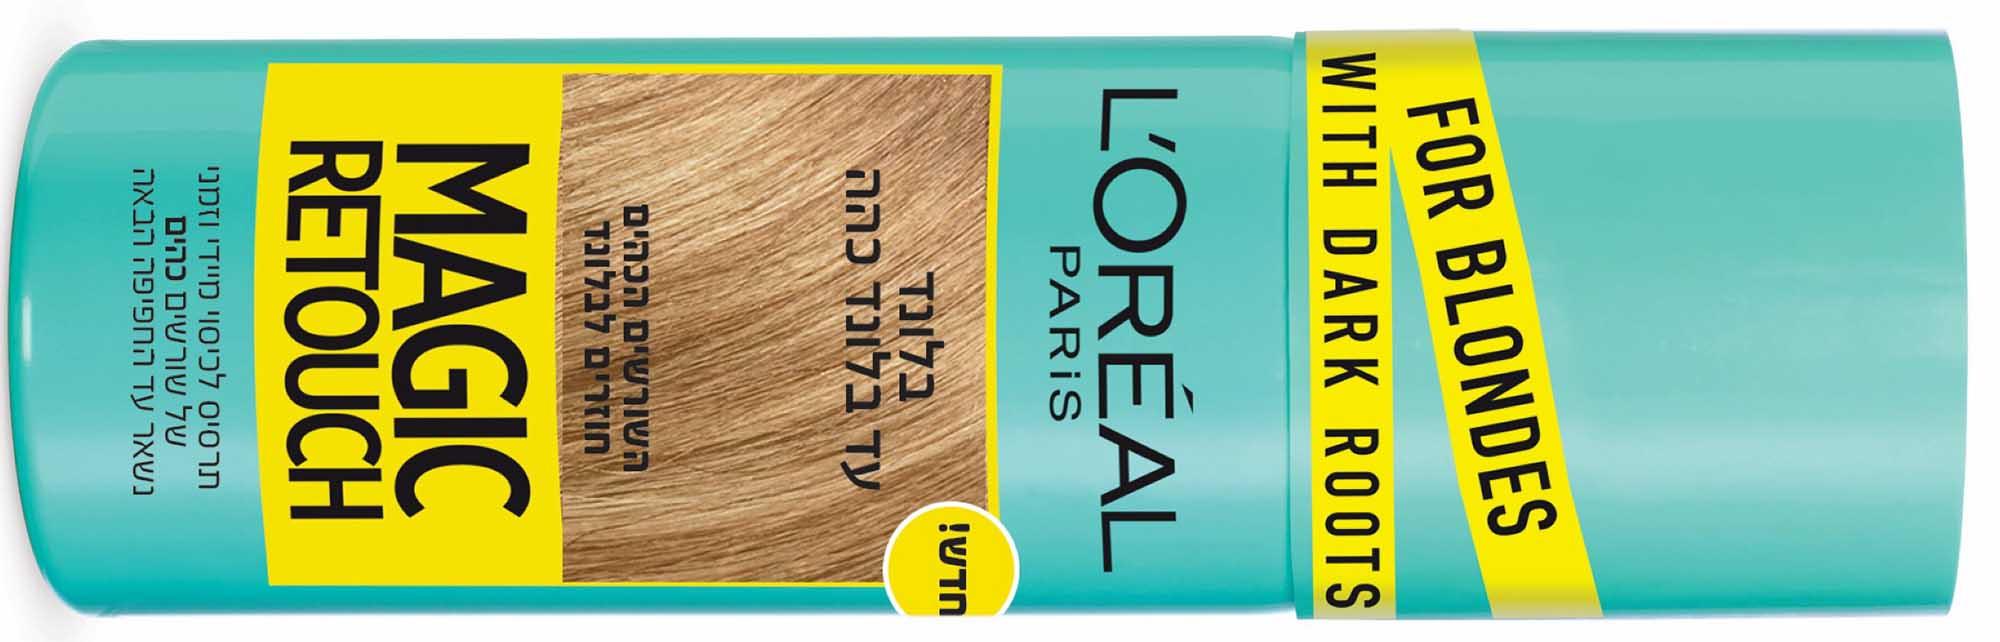 מגיק ריטאץ לצבועות שיער בלונדיני לוריאל פריז מחיר השקה ינואר 2020 29.90שח במקום 49.90שח צילום יחצ חול (1)7